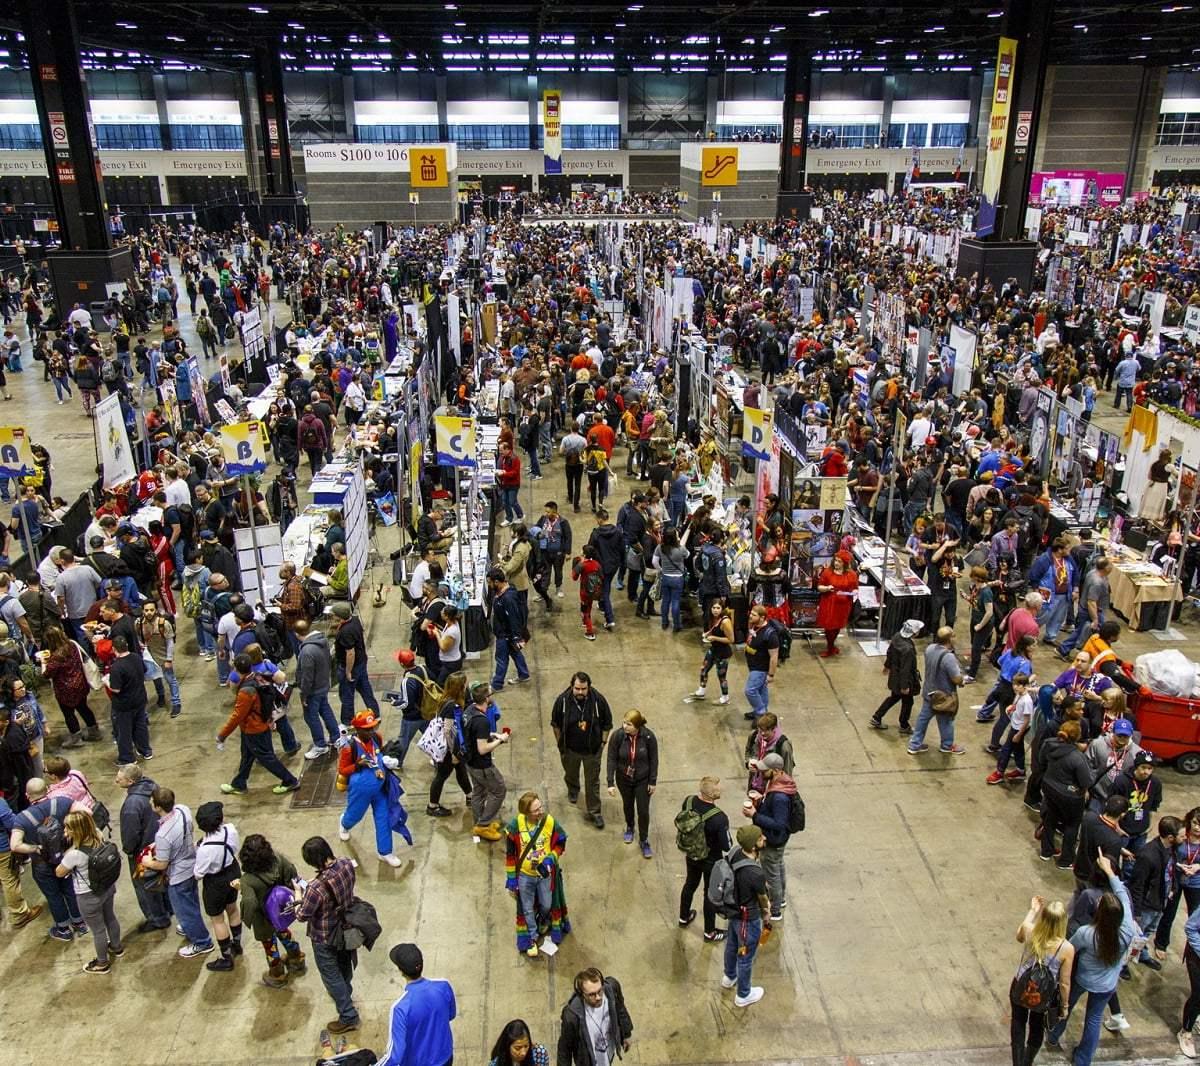 مؤتمر «ستار تريك» الرسمي قادم إلى شيكاغو في عام 2022